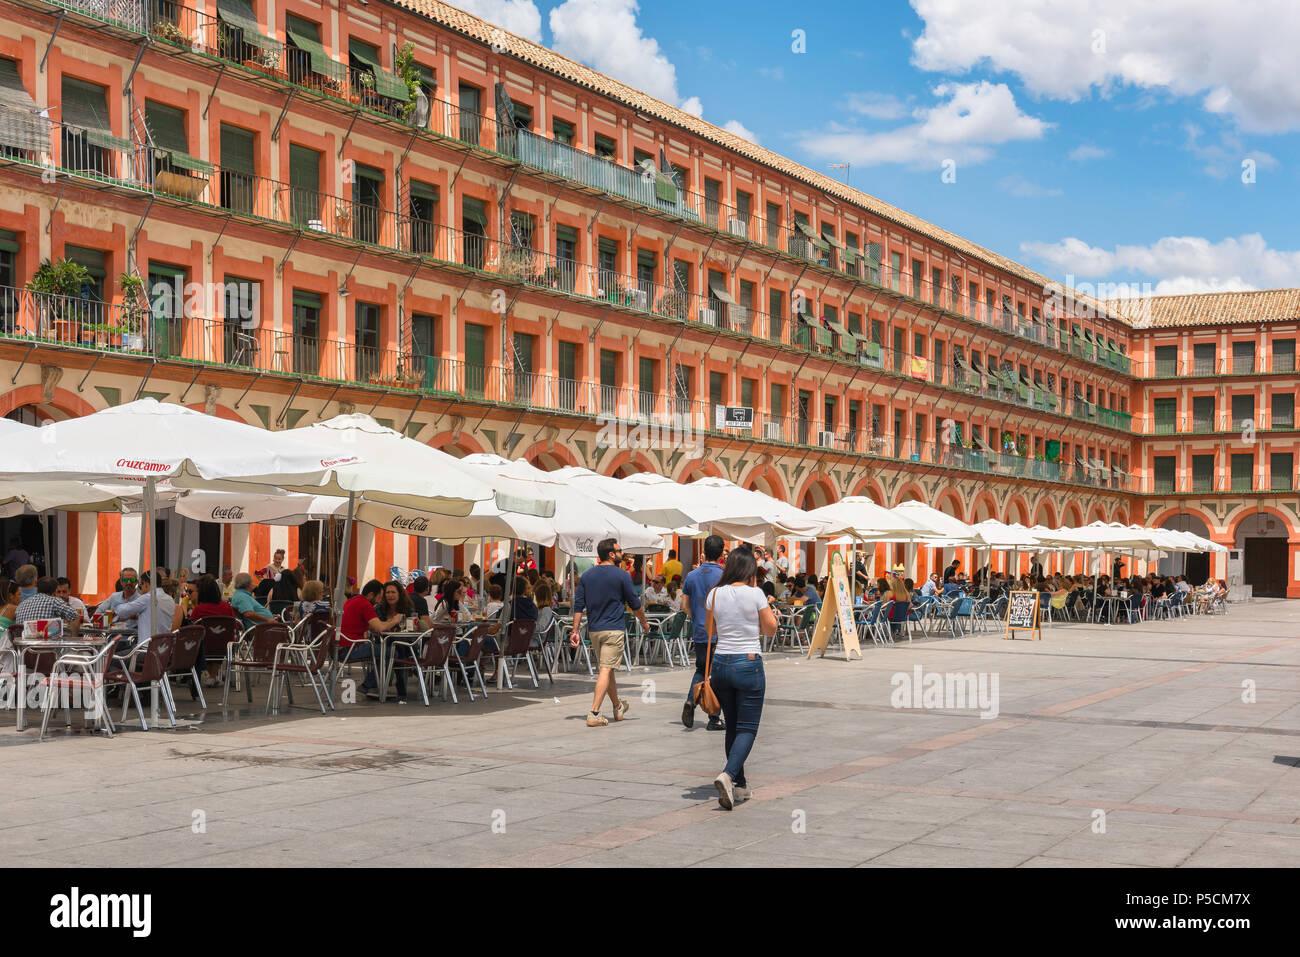 Plaza Corredera, vue du 17ème siècle, la Plaza de la Corredera, dans le centre de la vieille ville de Cordoue par un après-midi d'été, Cordoue, Andalousie, espagne. Photo Stock